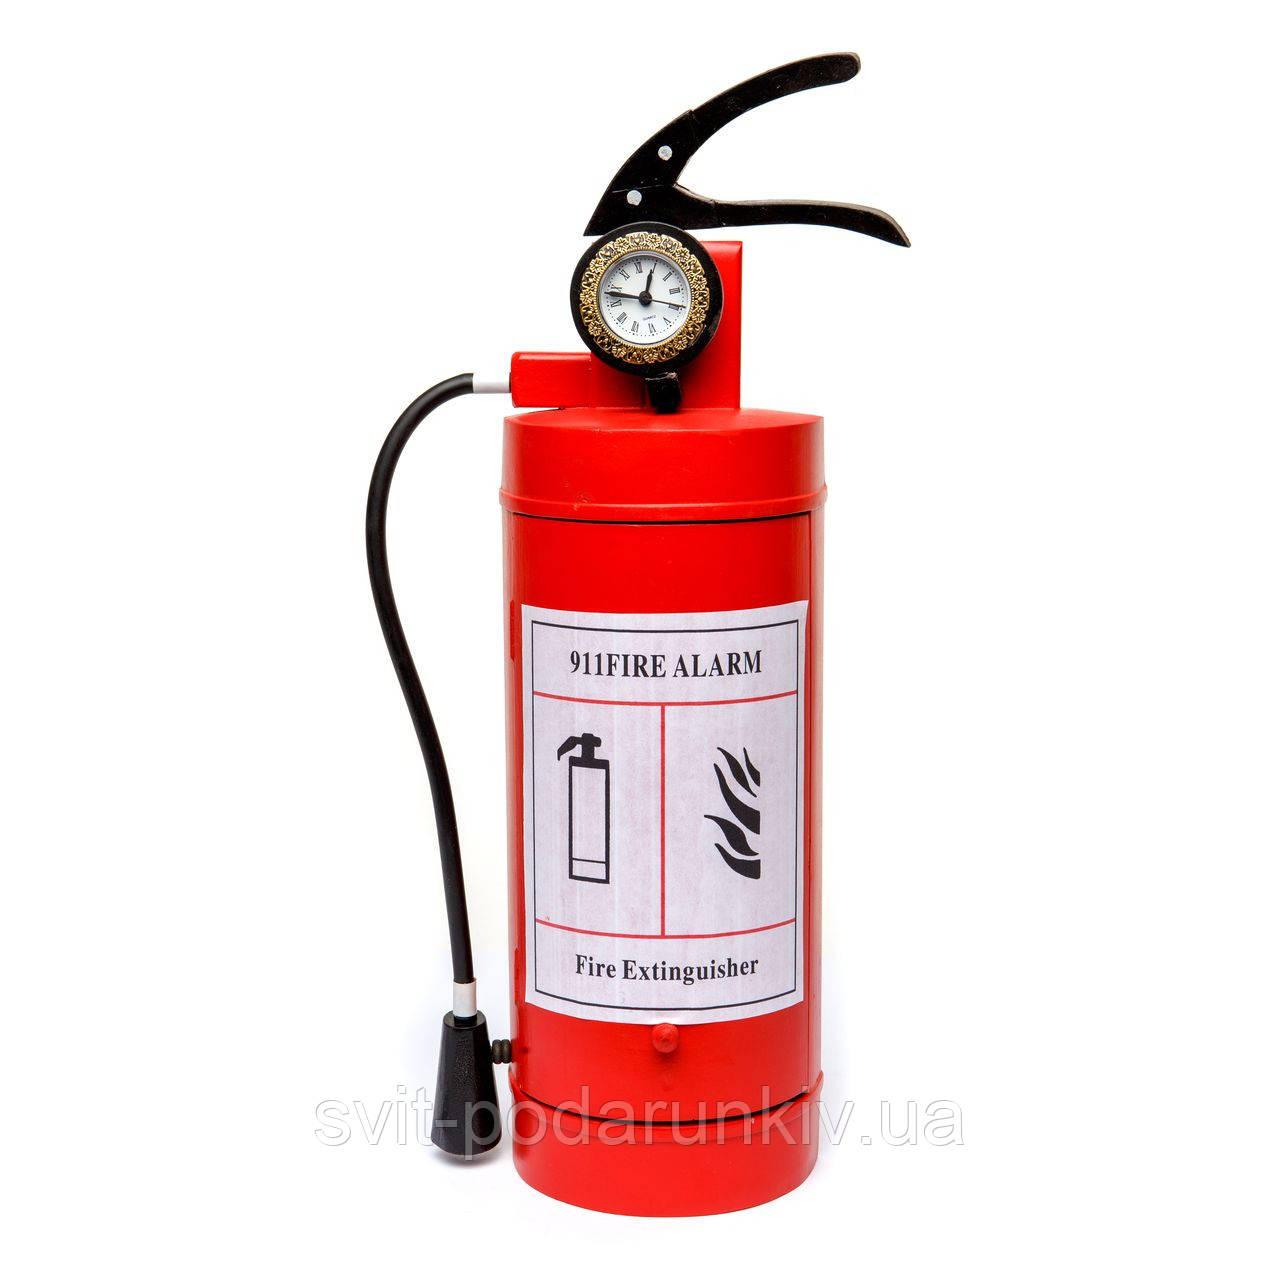 """Оригинальная ключница огнетушитель """"Самому бесстрашному пожарнику подарок"""" S41714"""